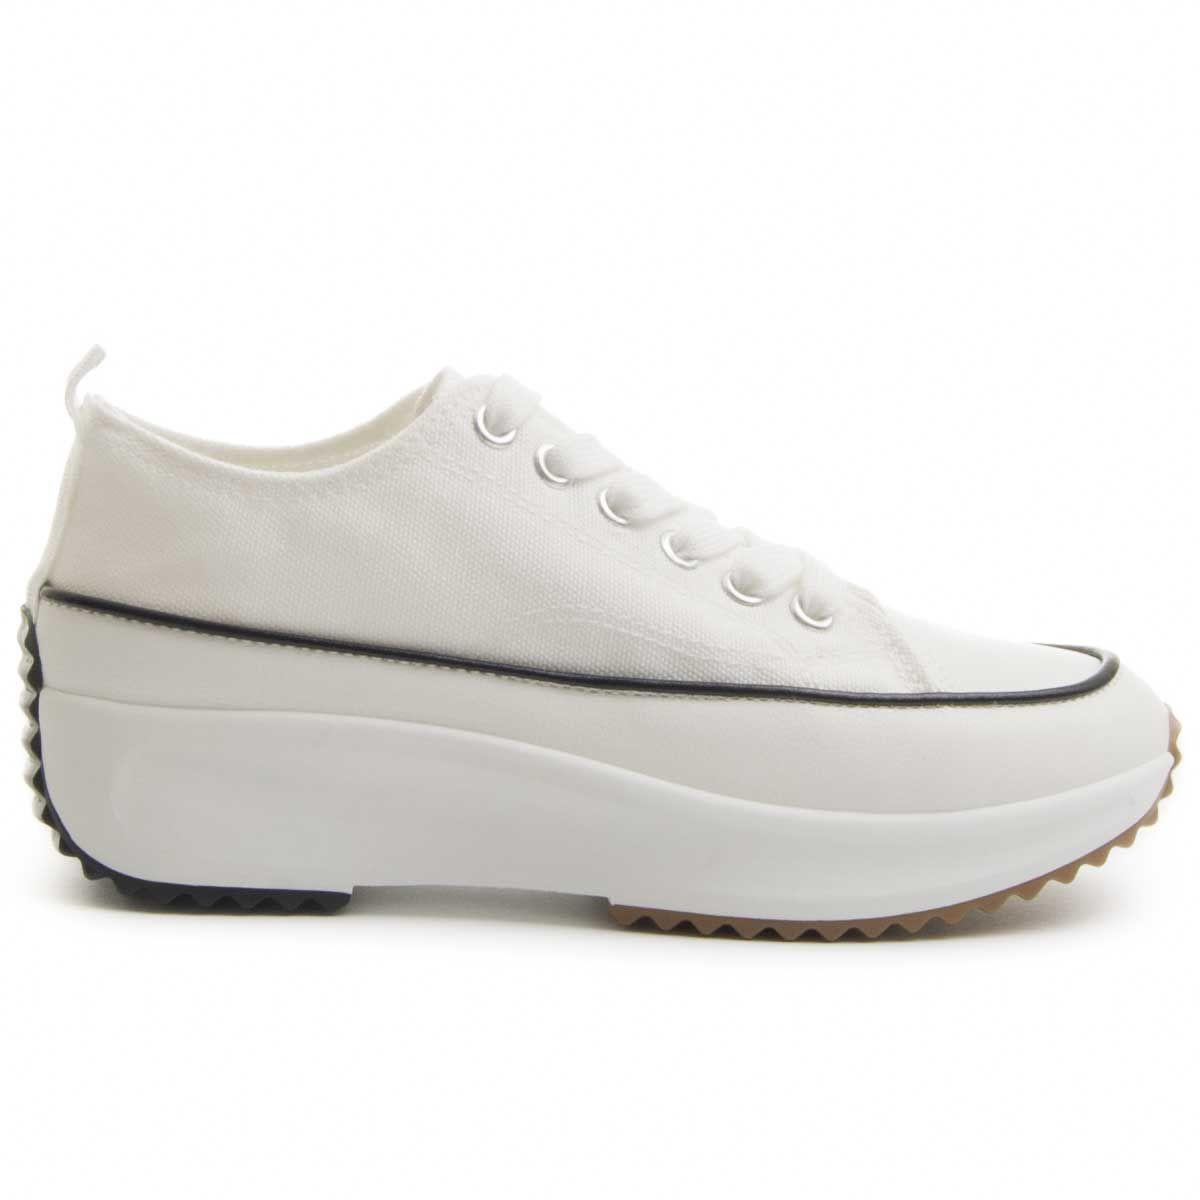 Montevita Flatform Sneaker in White